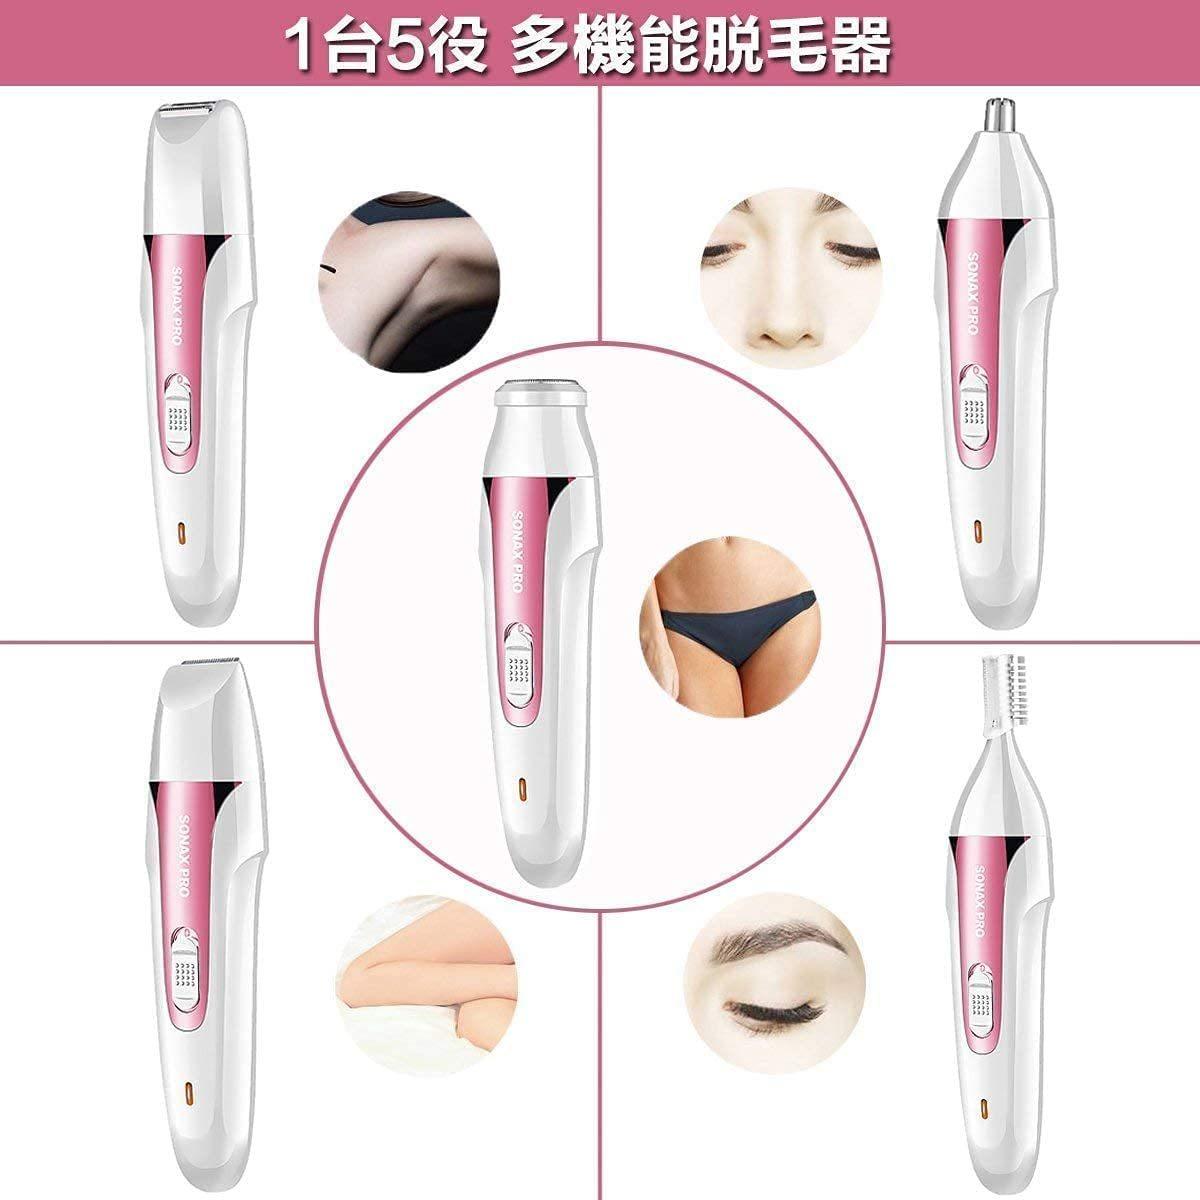 【最新5in1】レディースシェーバー 女性専用シェーバー 電動 シェーバーUSB充電式 1台5役全身適用 眉毛シェーバー 鼻毛カッター